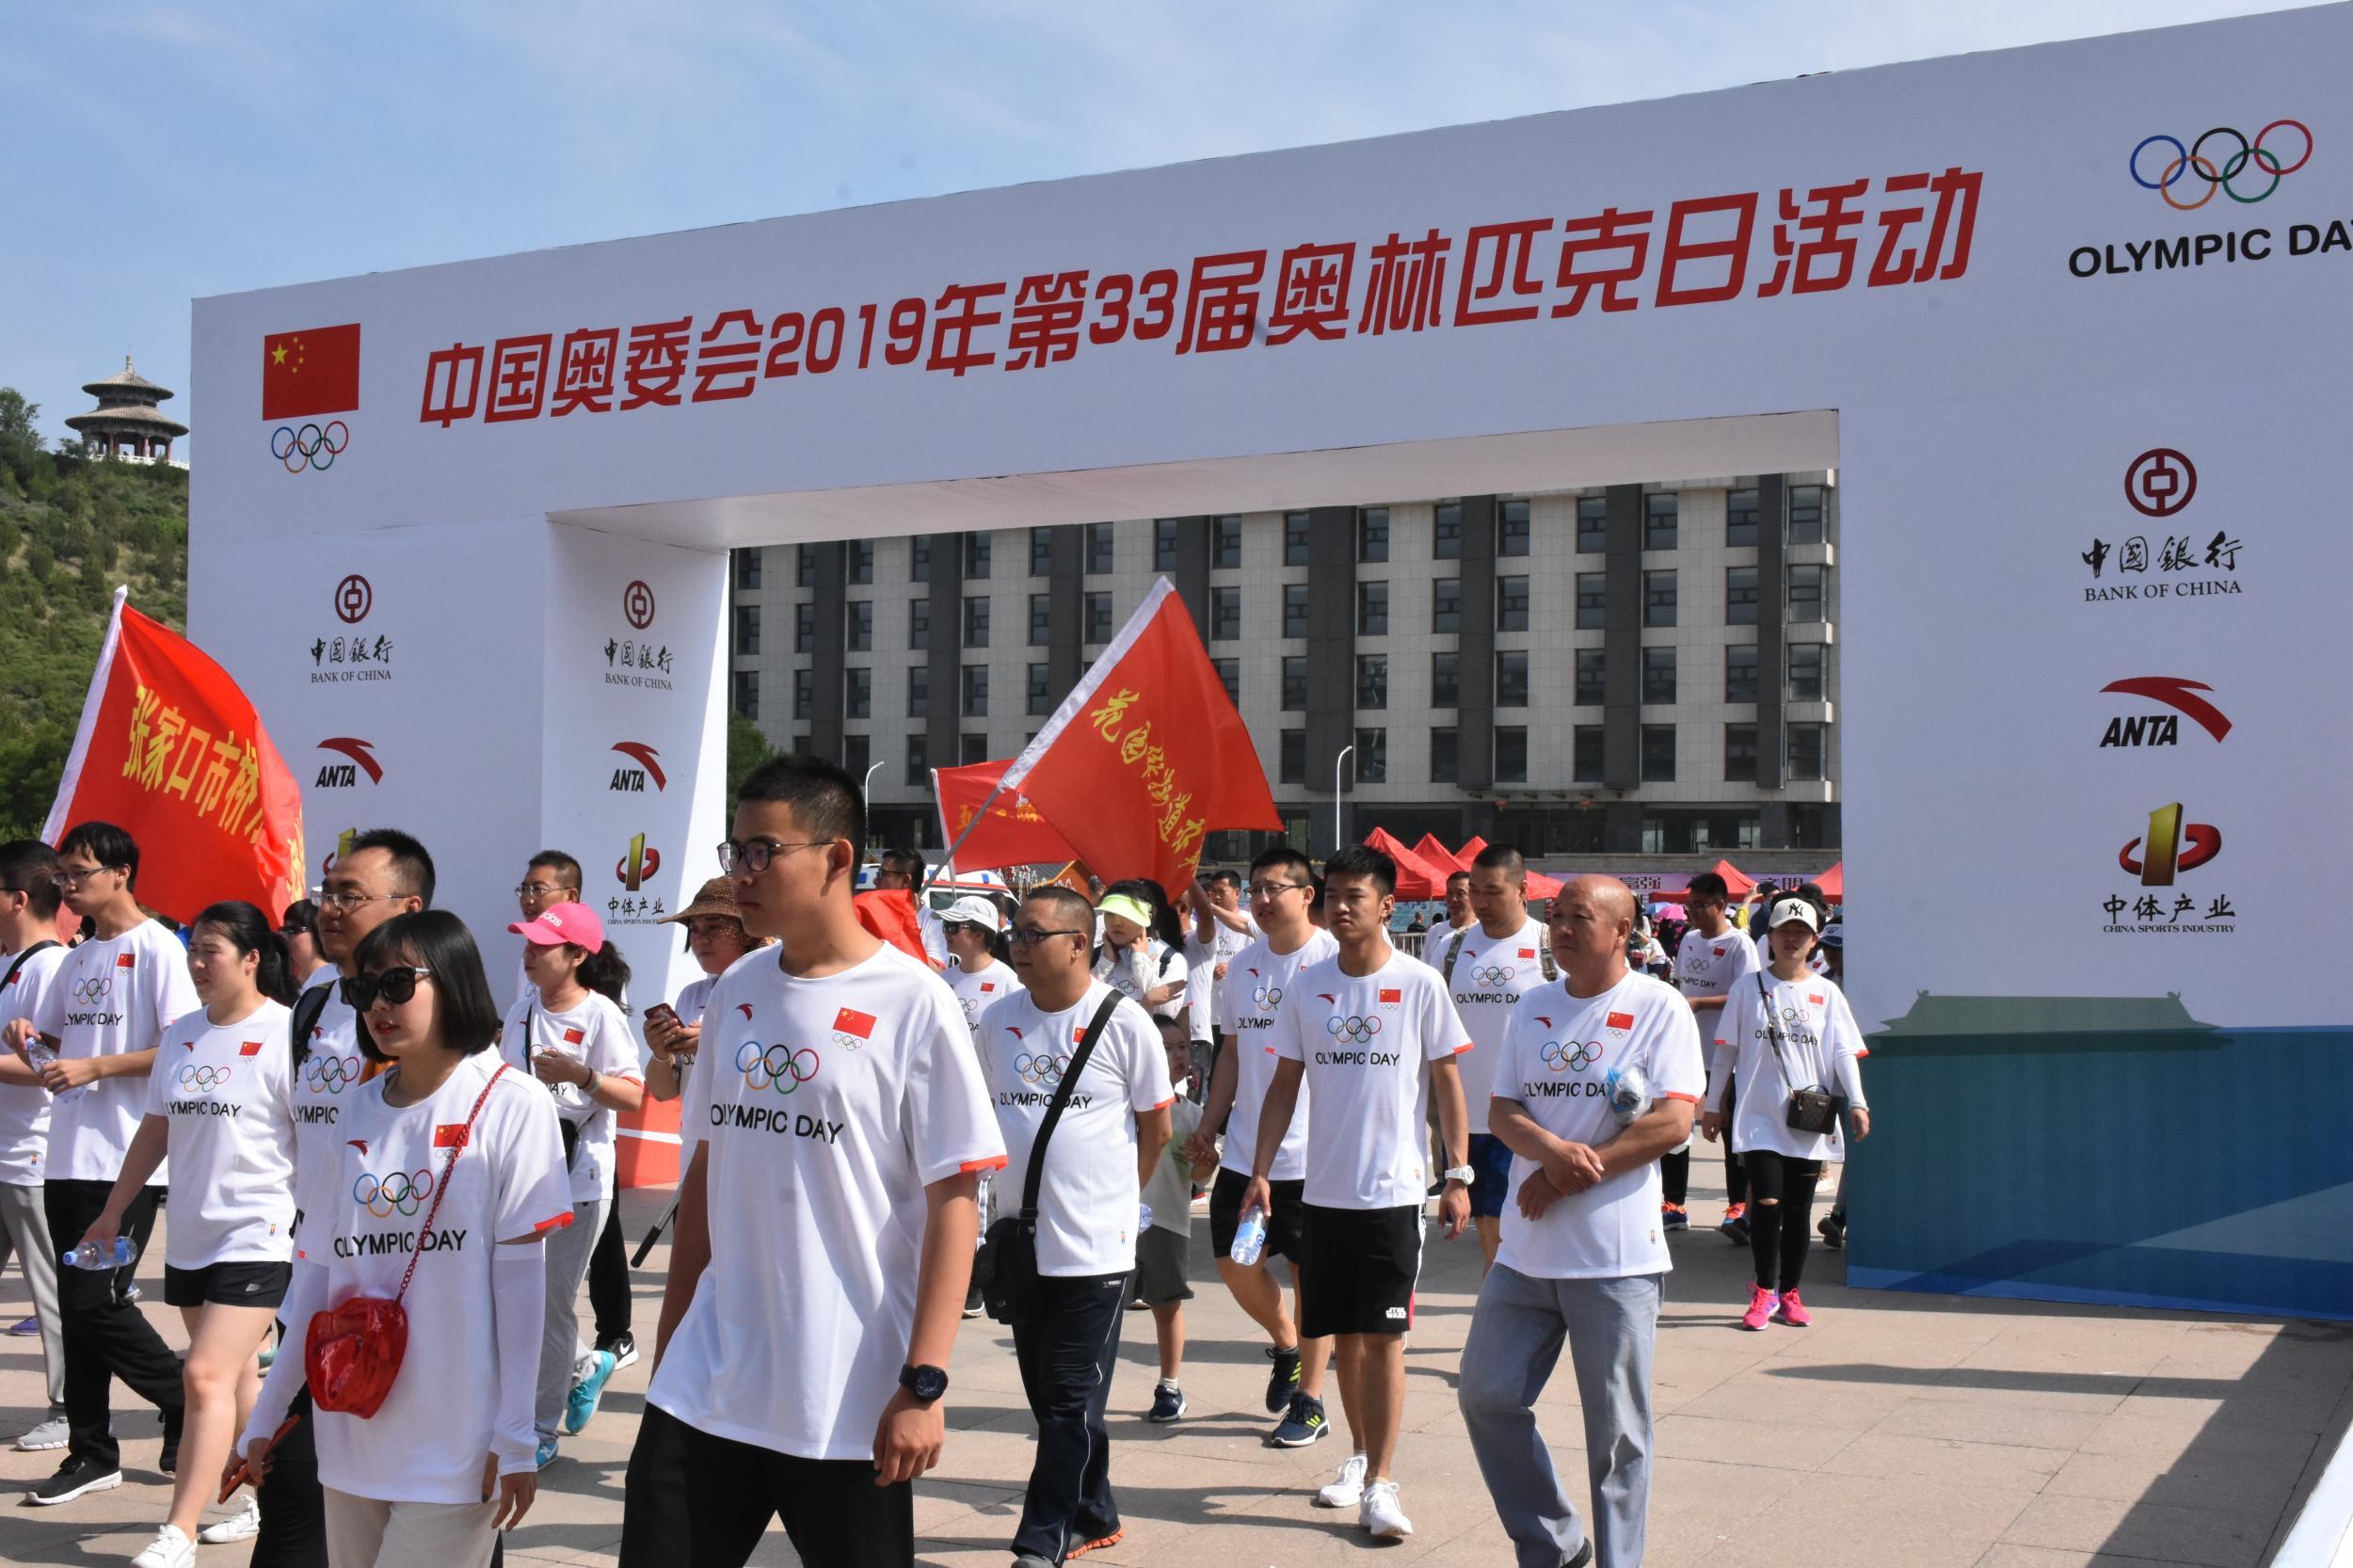 张家口市举行第33届奥林匹克日长跑活动